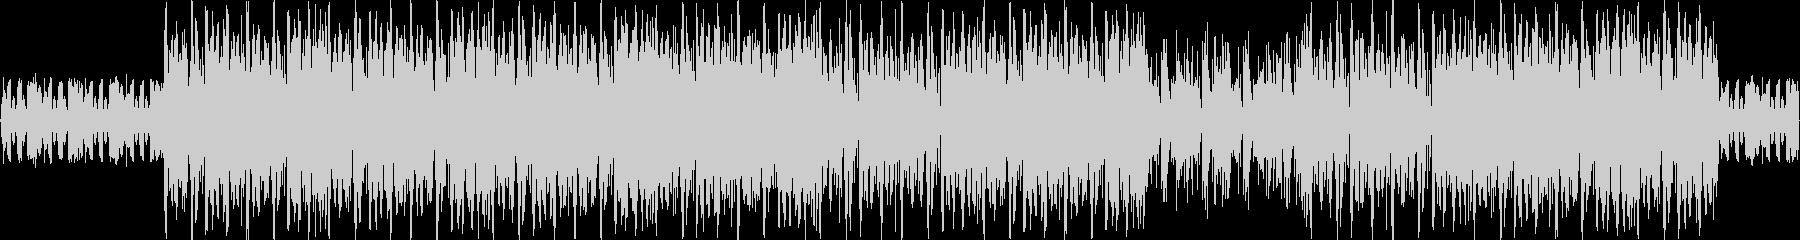 ダークヒップホップ、ダーティーヒーローの未再生の波形